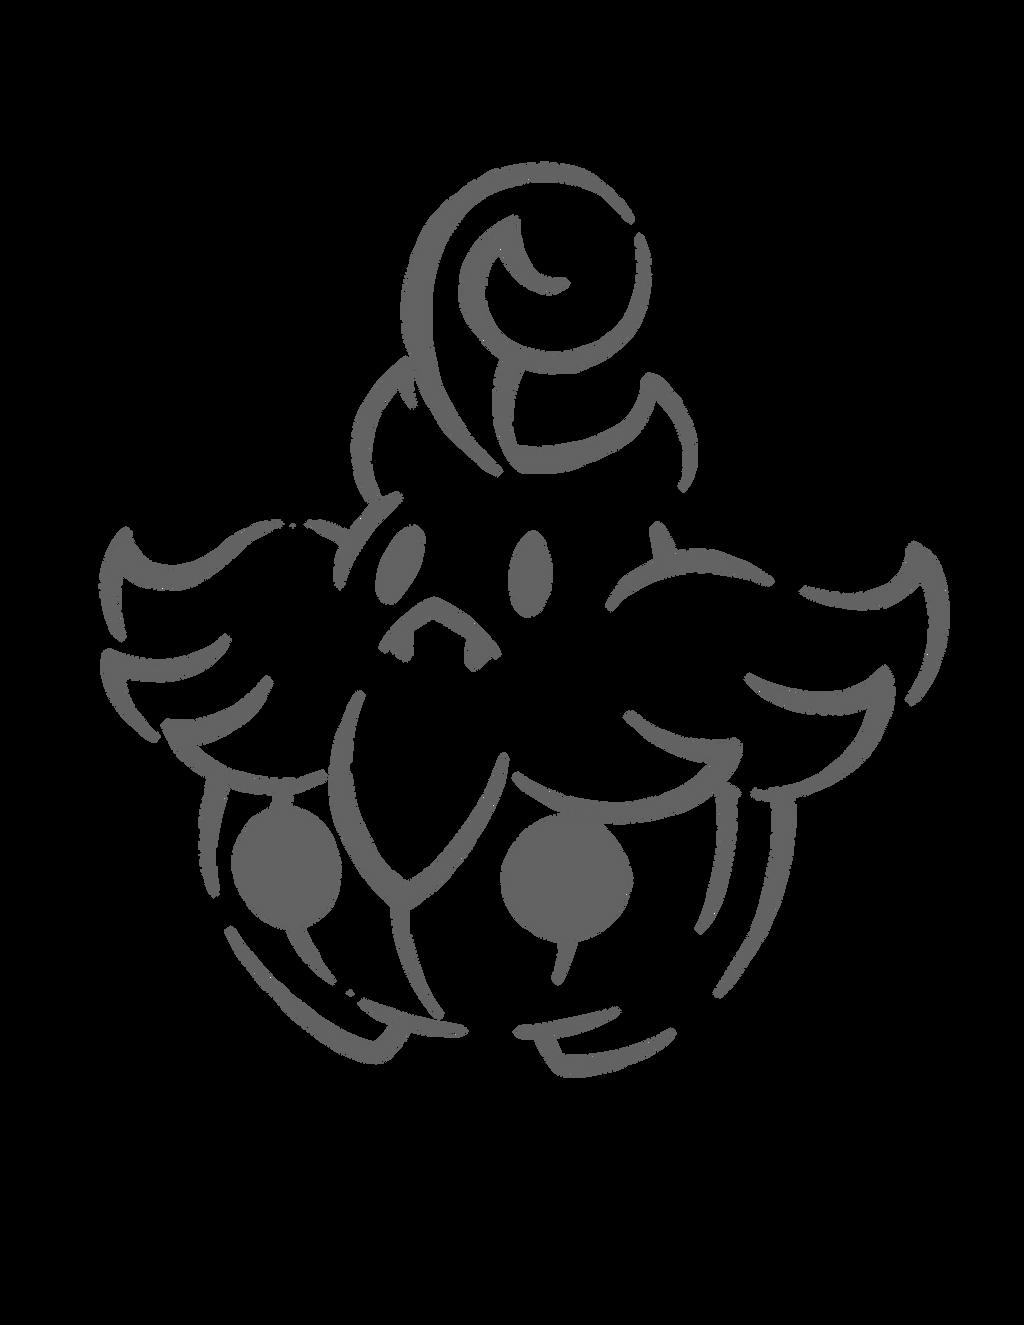 Pumpkaboo jack o lantern template by fancyfeline on deviantart for Pokemon jack o lantern template